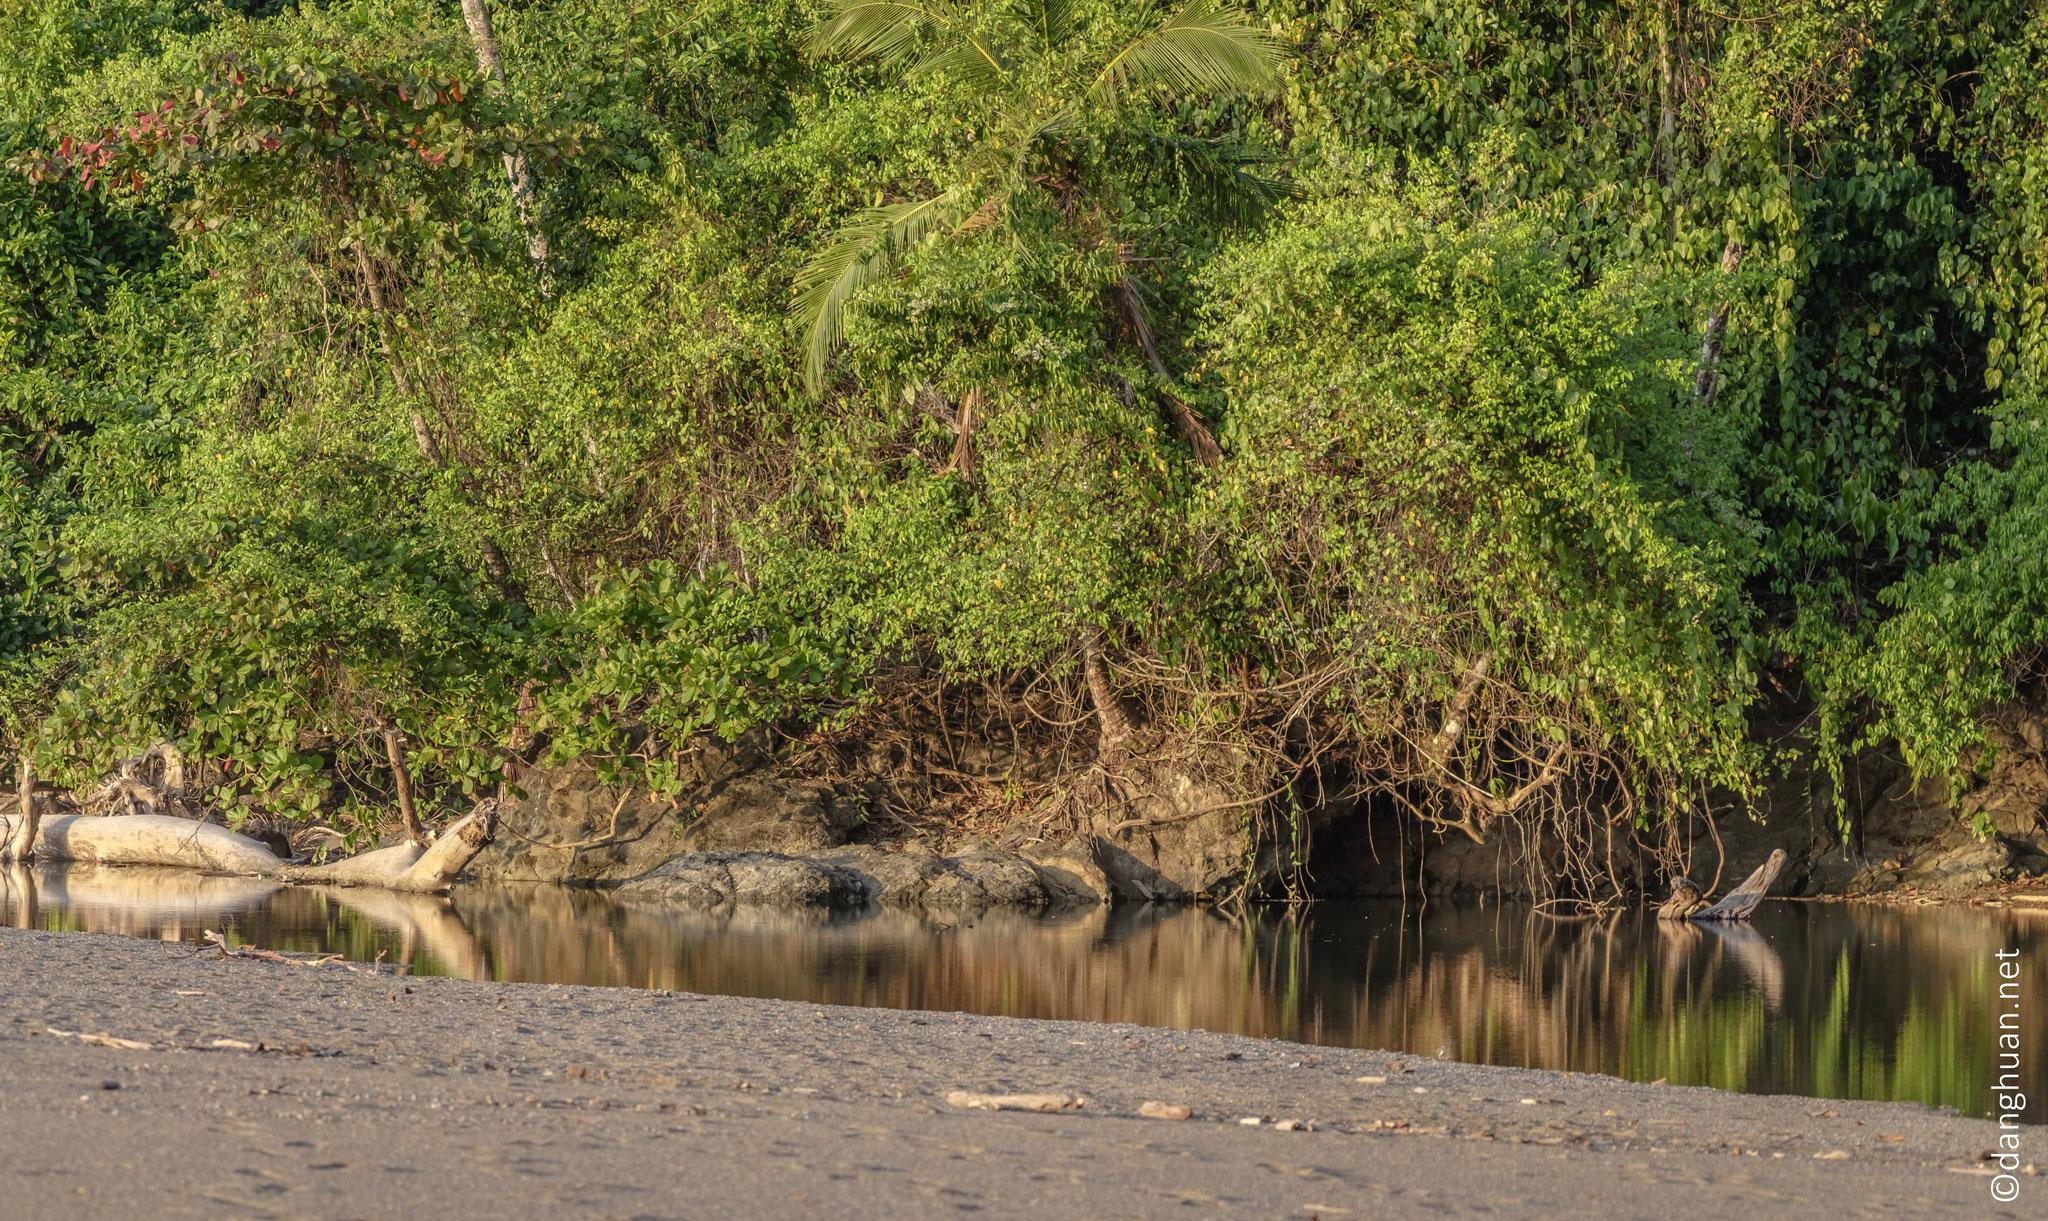 rio Claro, lac d'eau verte claire situé à proximité de la plage (océan pacifique)